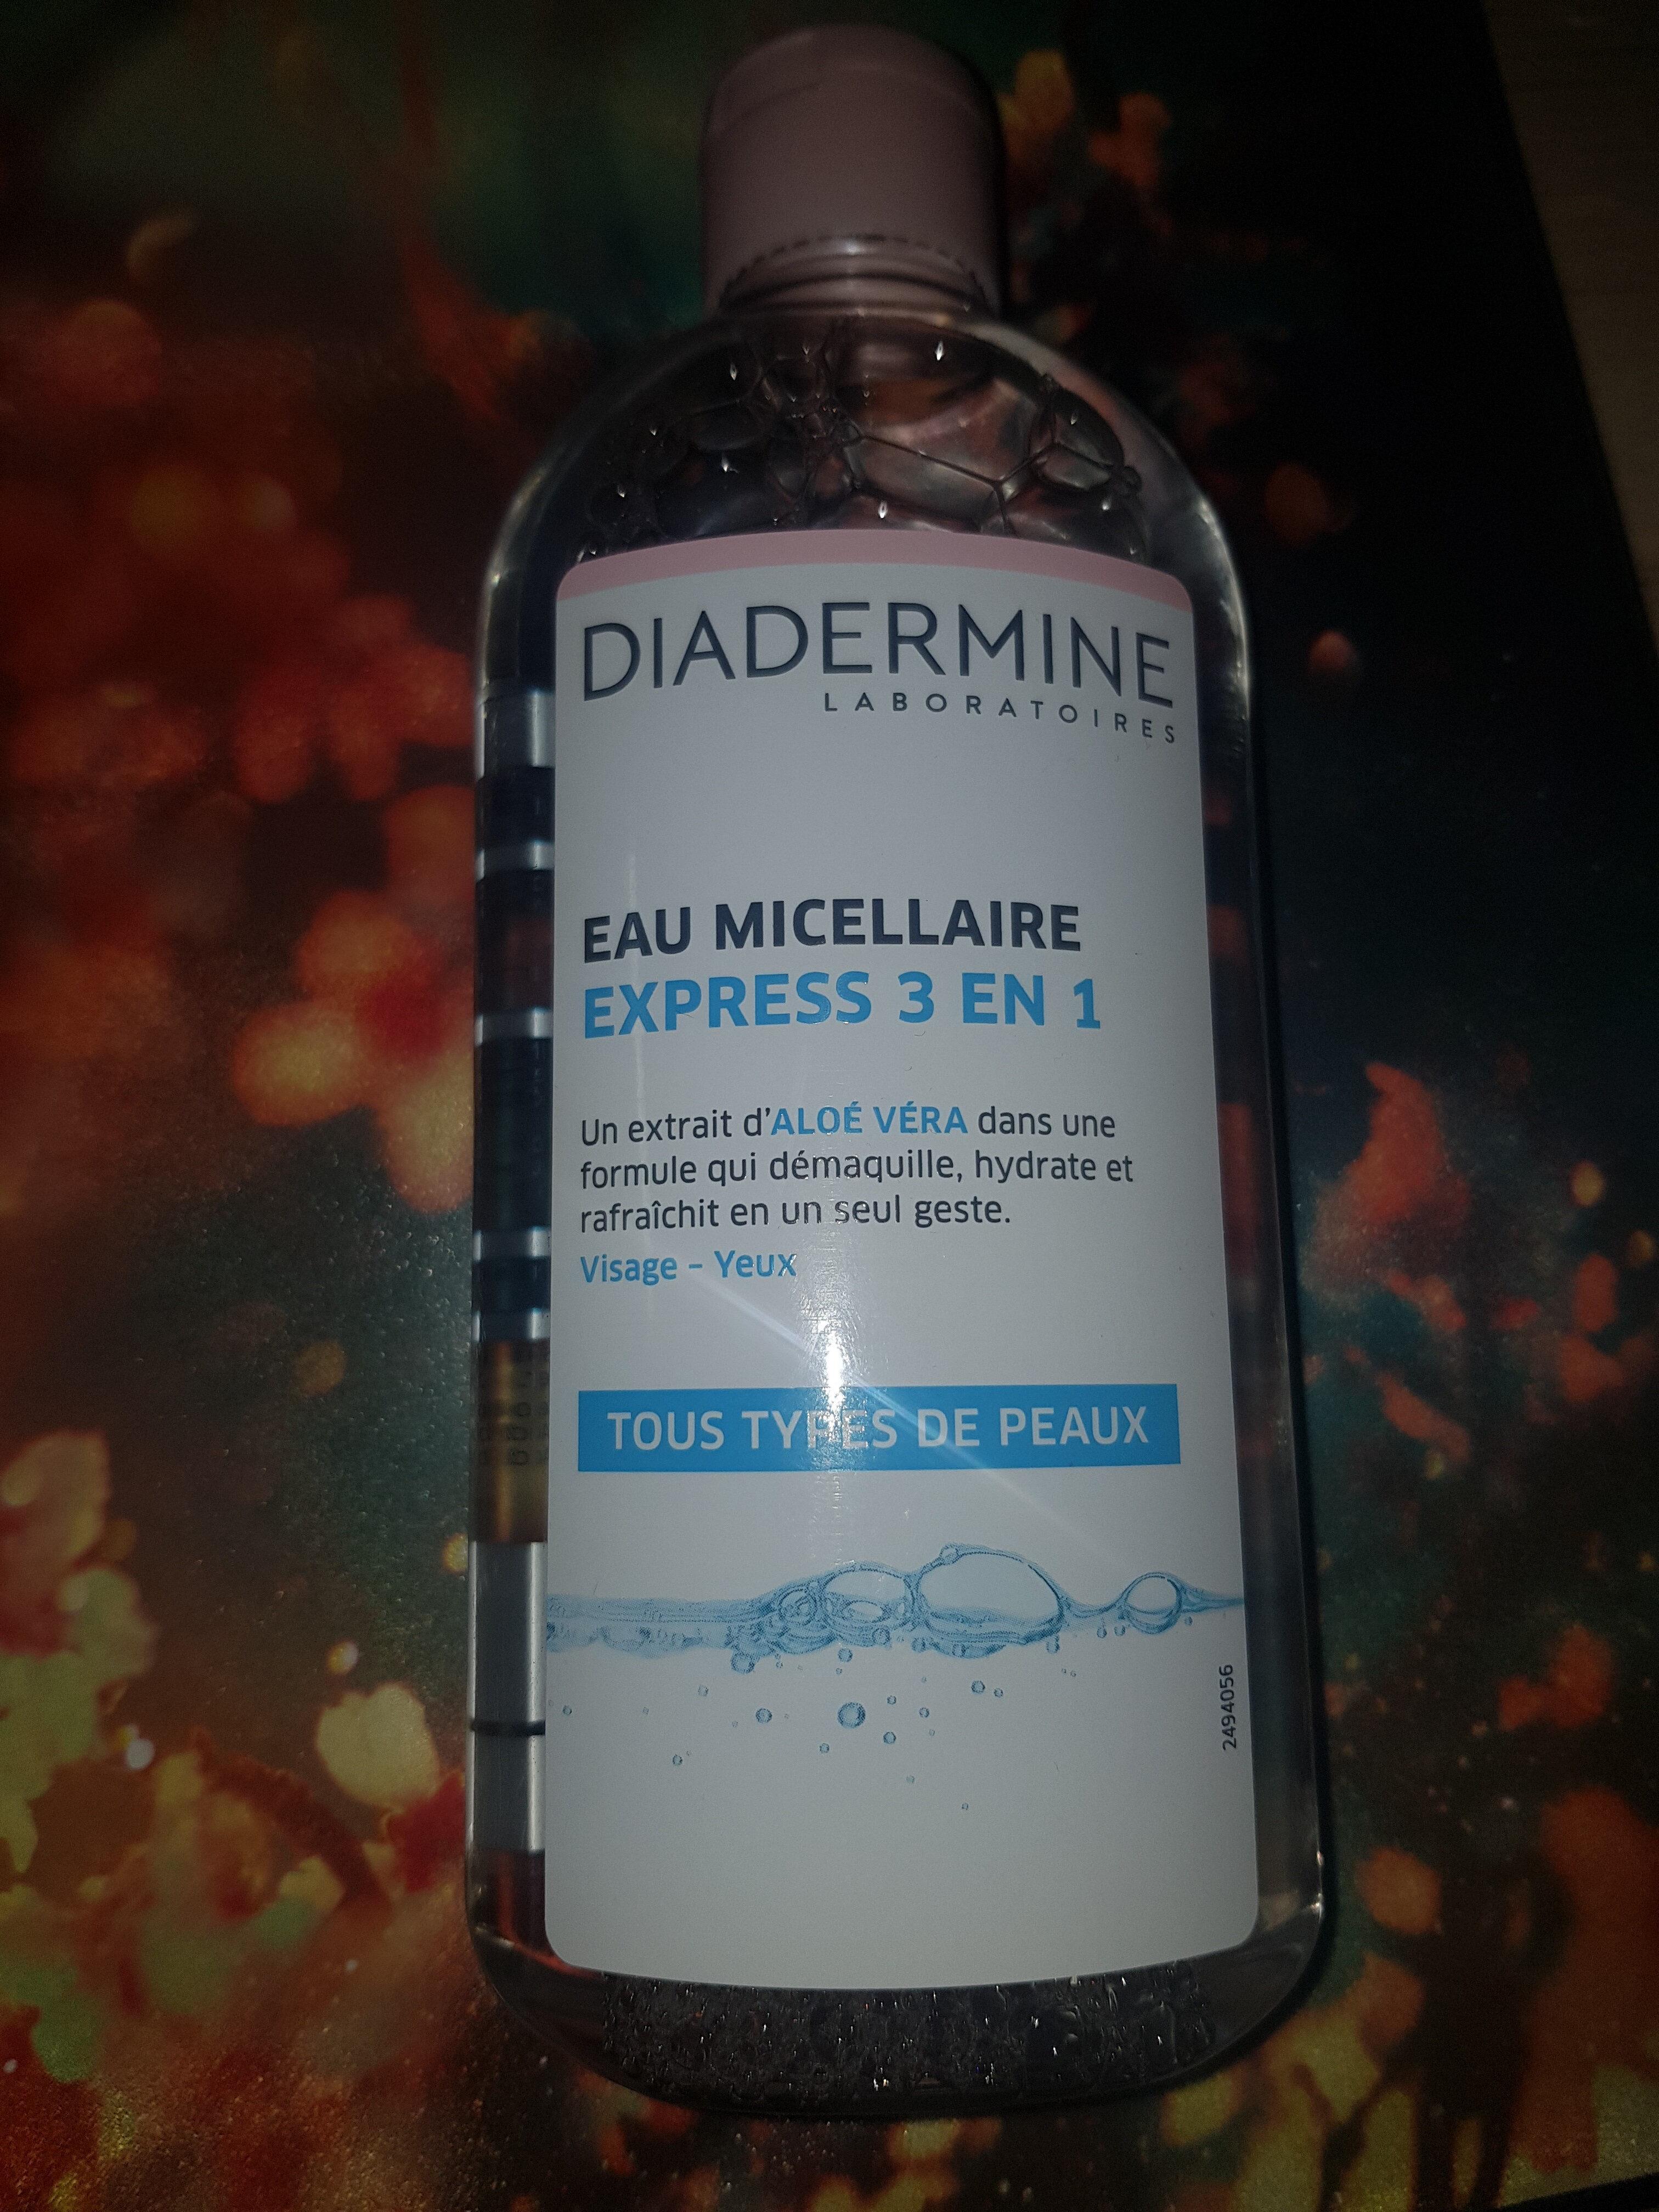 eau micellaire express 3 en 1 - Product